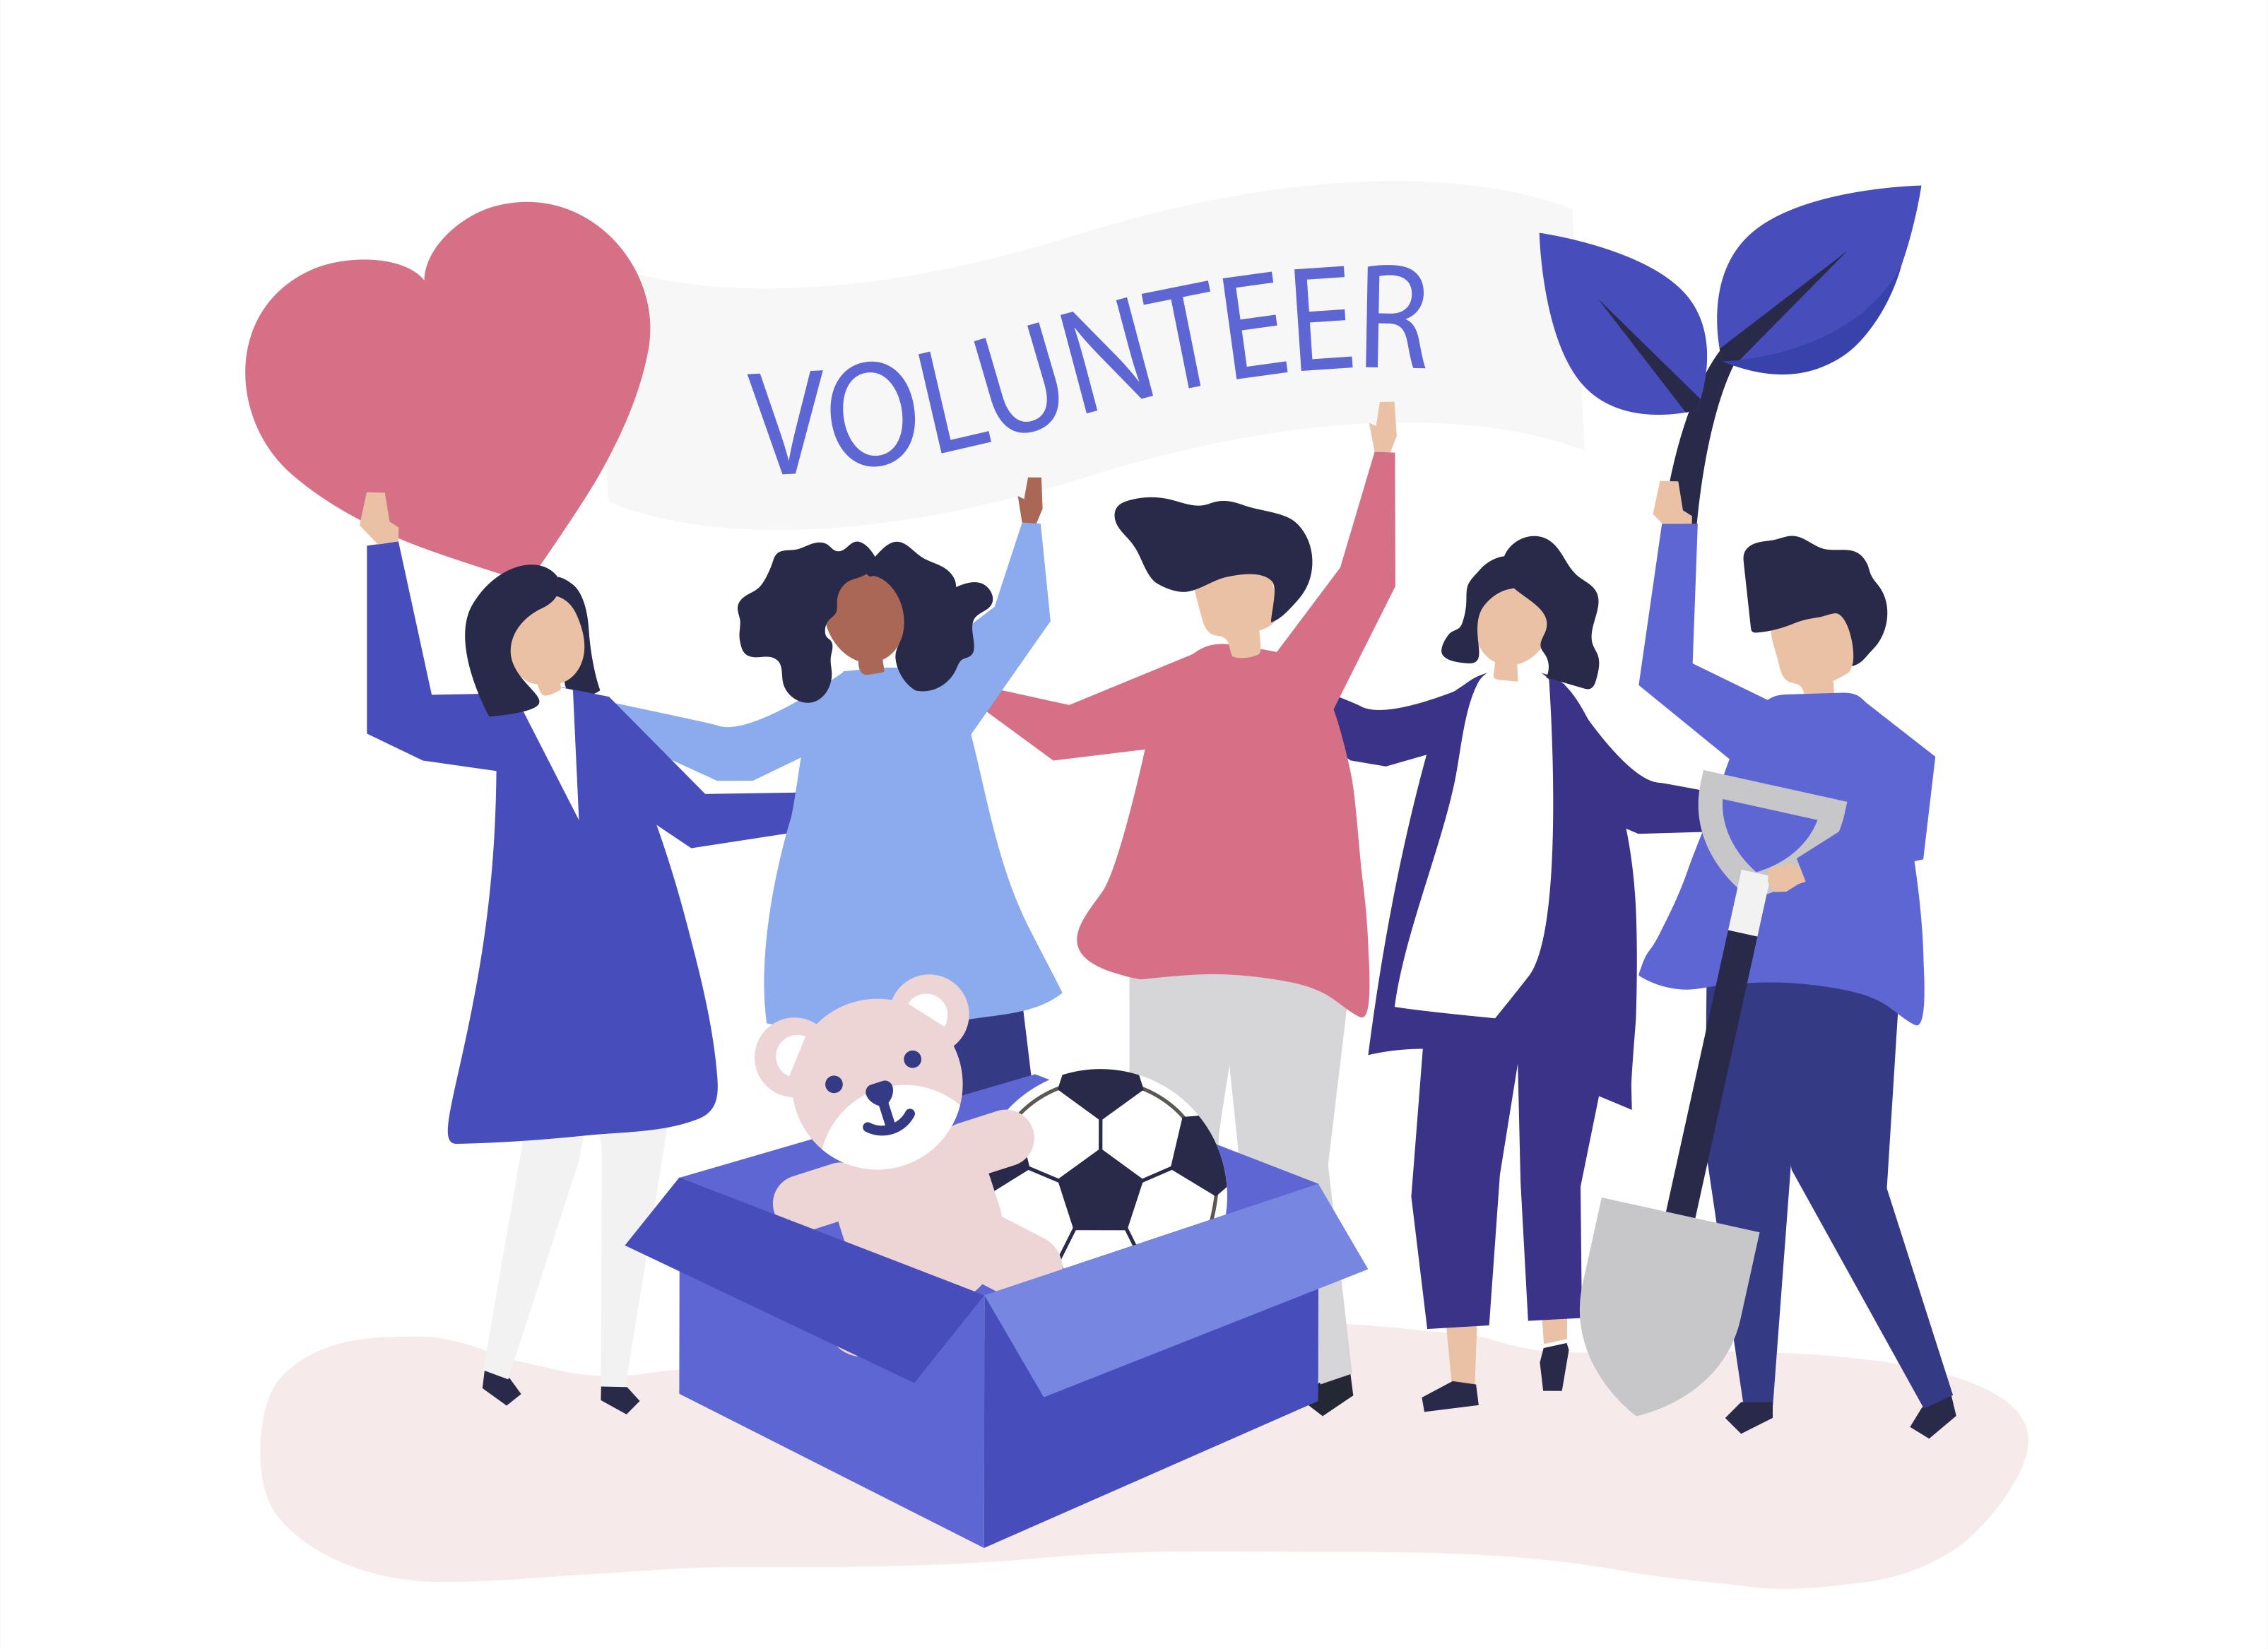 OTH-002, Gönüllülük Projesi Katılımcı Çağrısı